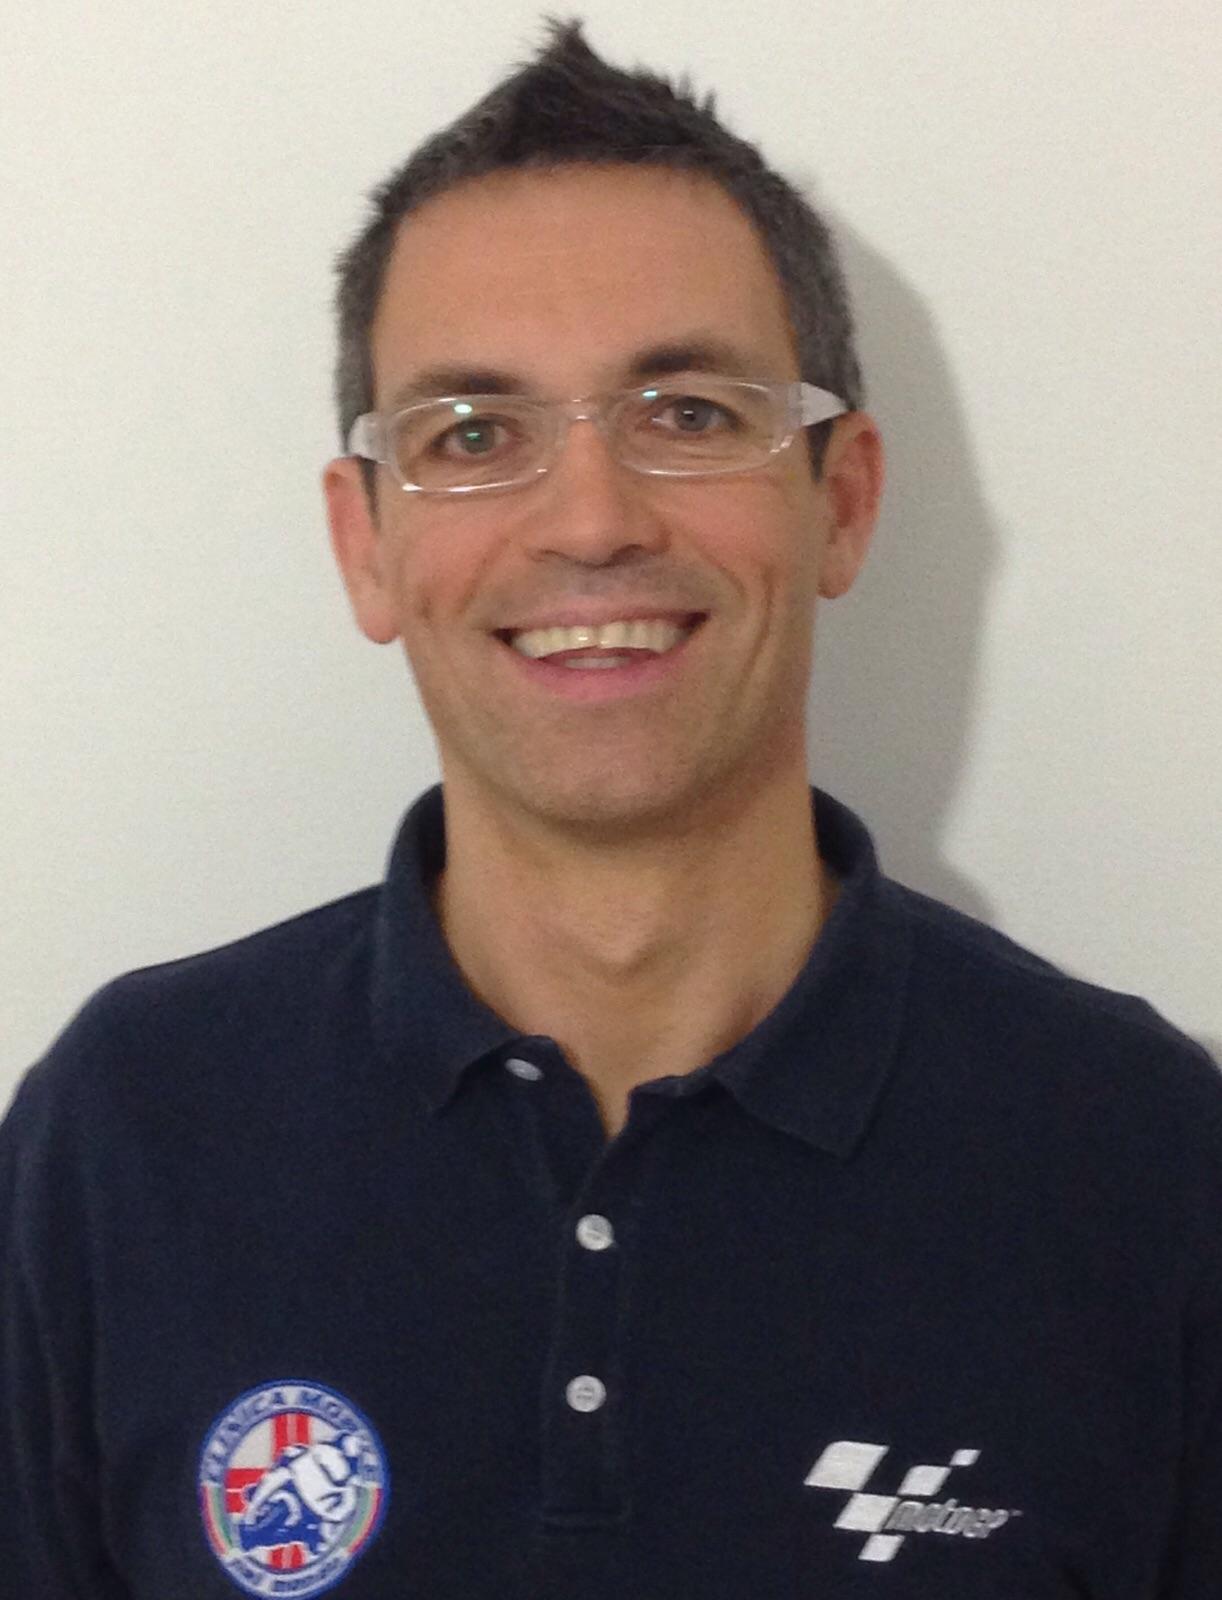 Francesco Redaelli